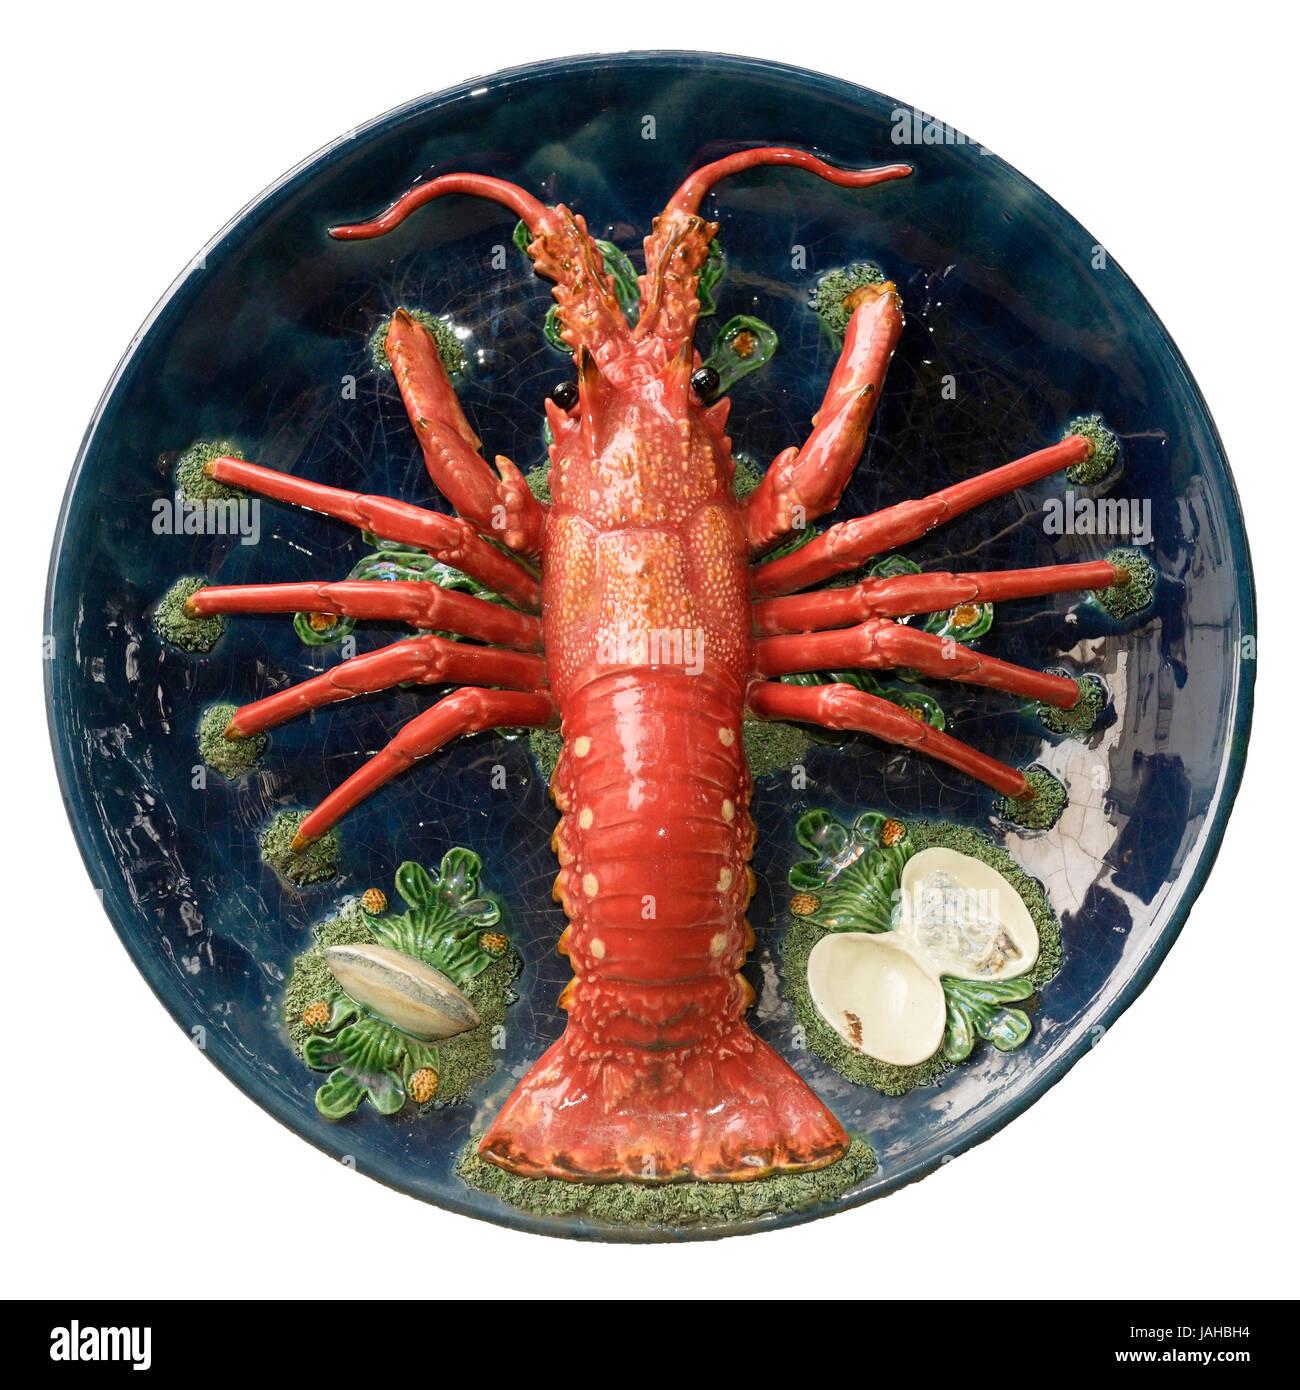 Dish with a ceramic lobster by Rafael Bordalo Pinheiro (19th century). Garden of the Museu da Cidade. Lisbon, Portugal - Stock Image